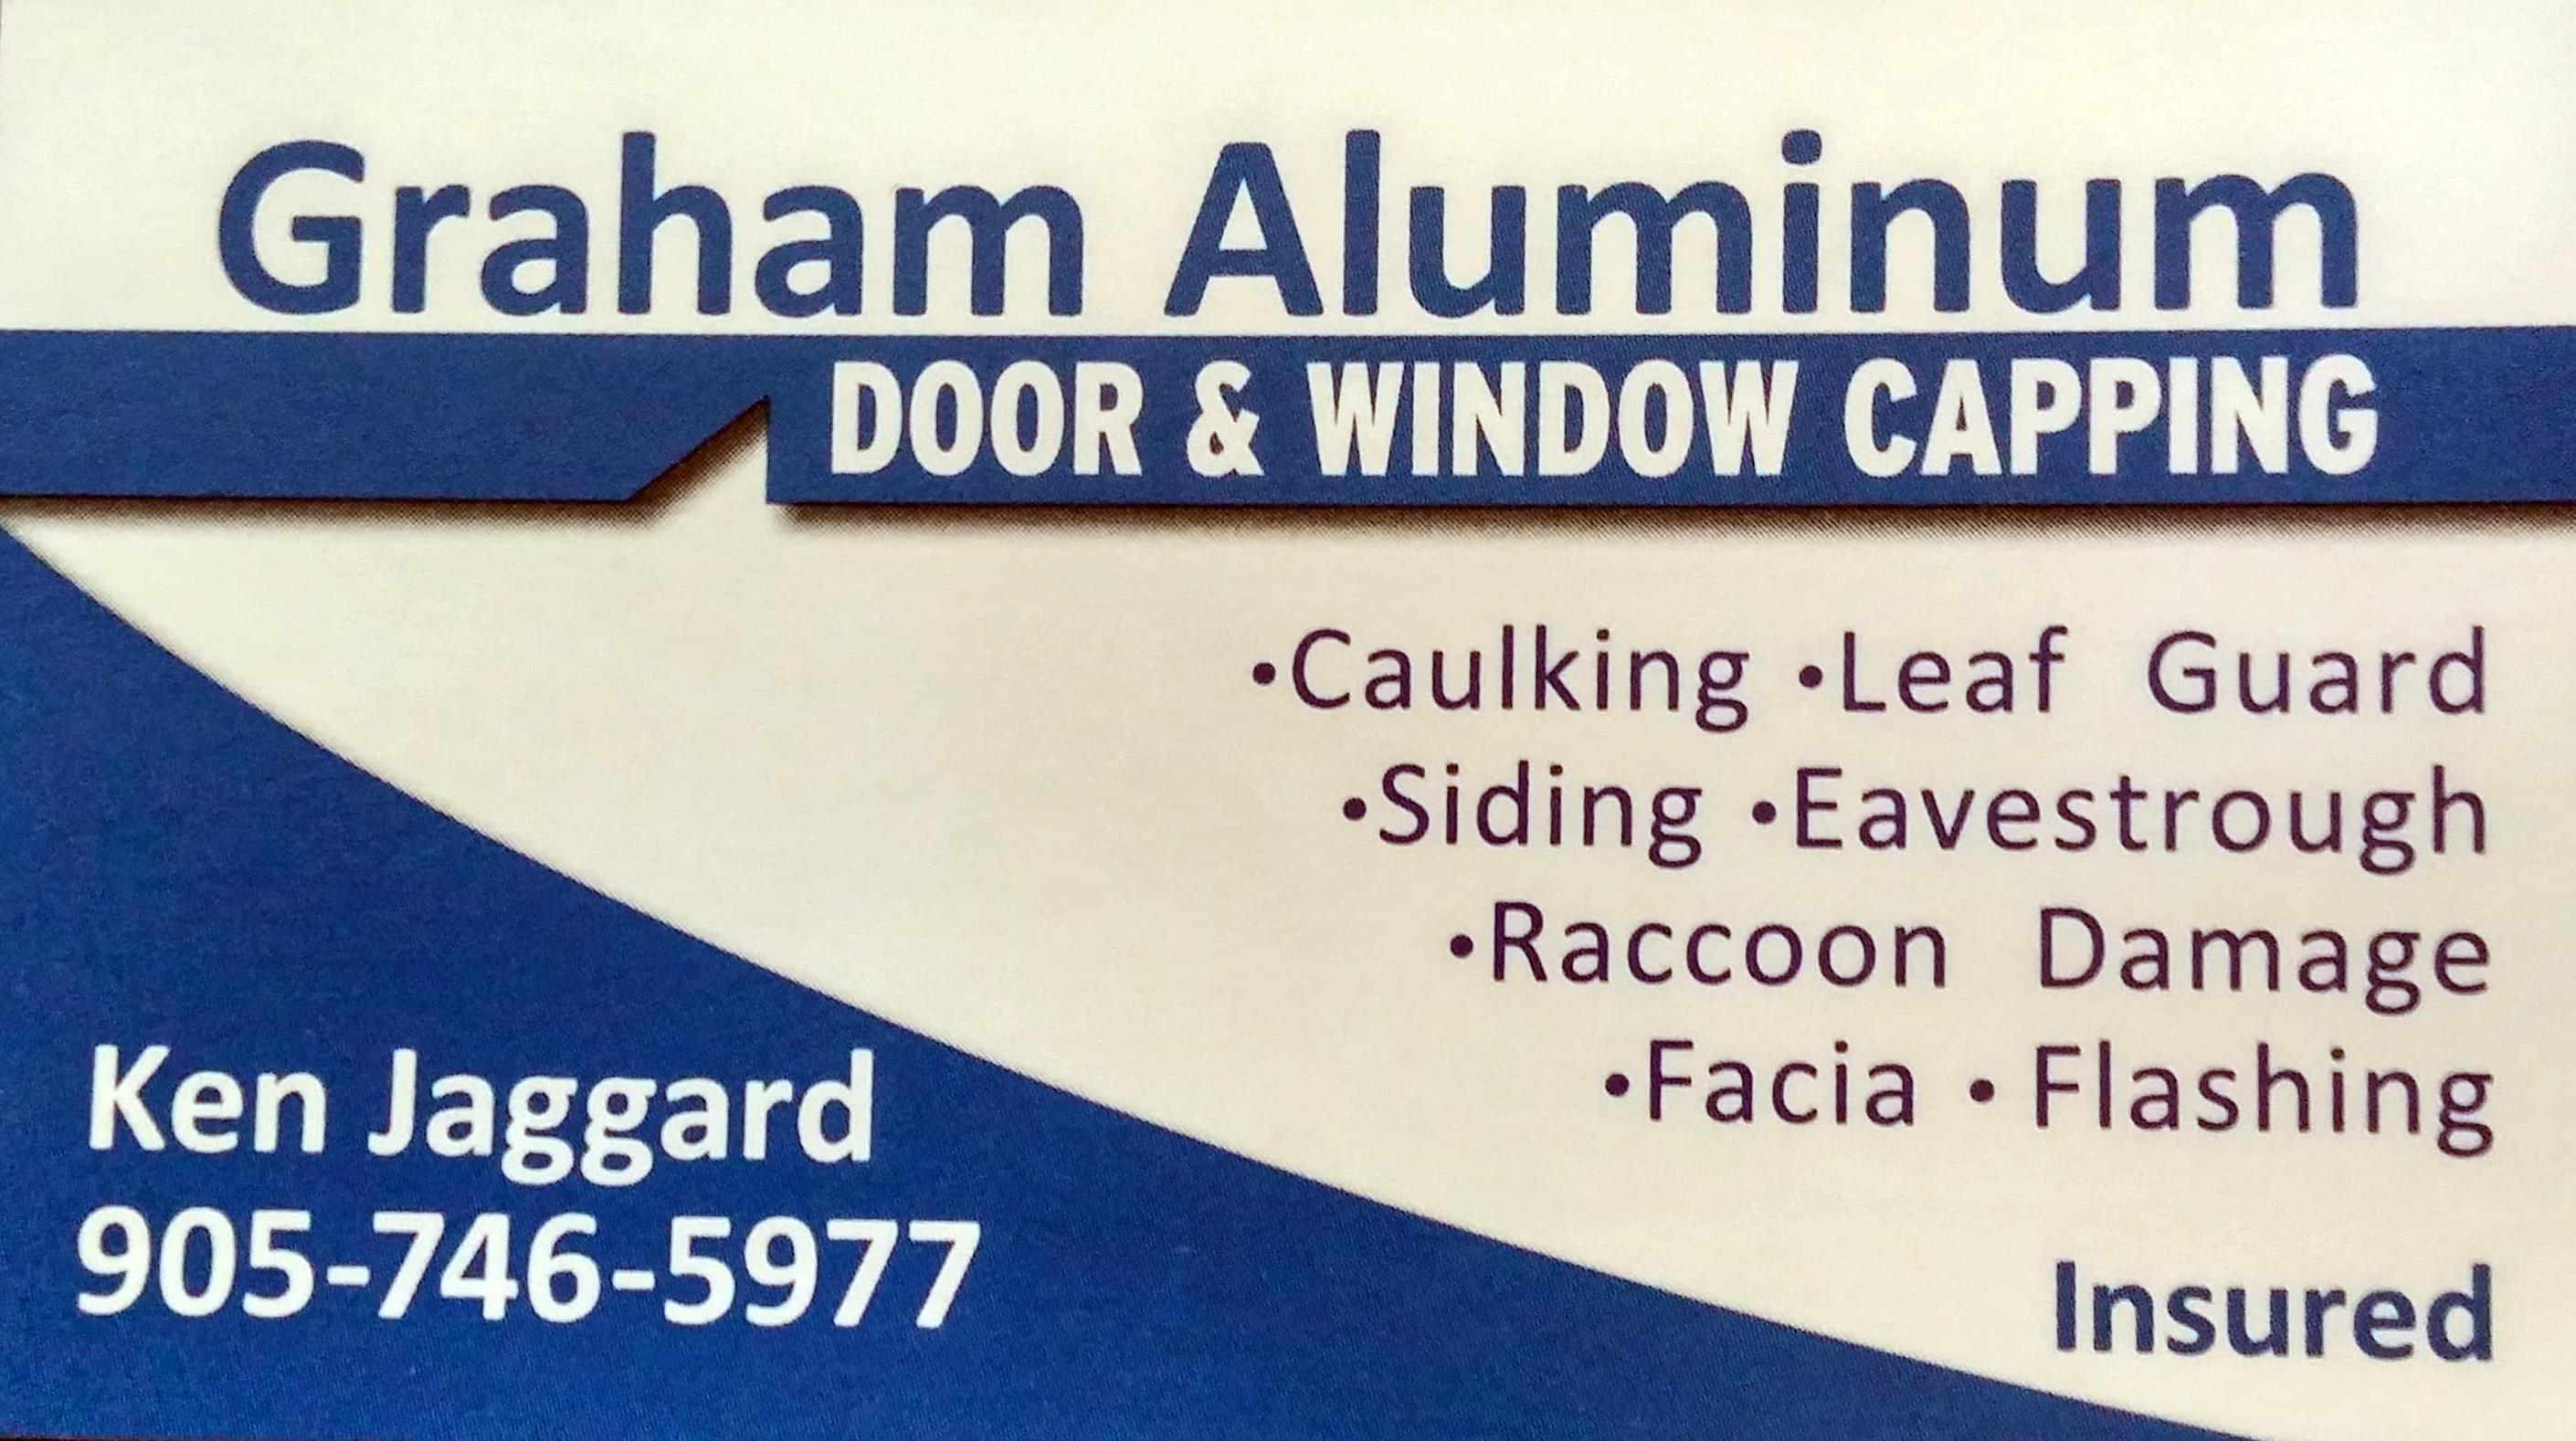 Graham Aluminum